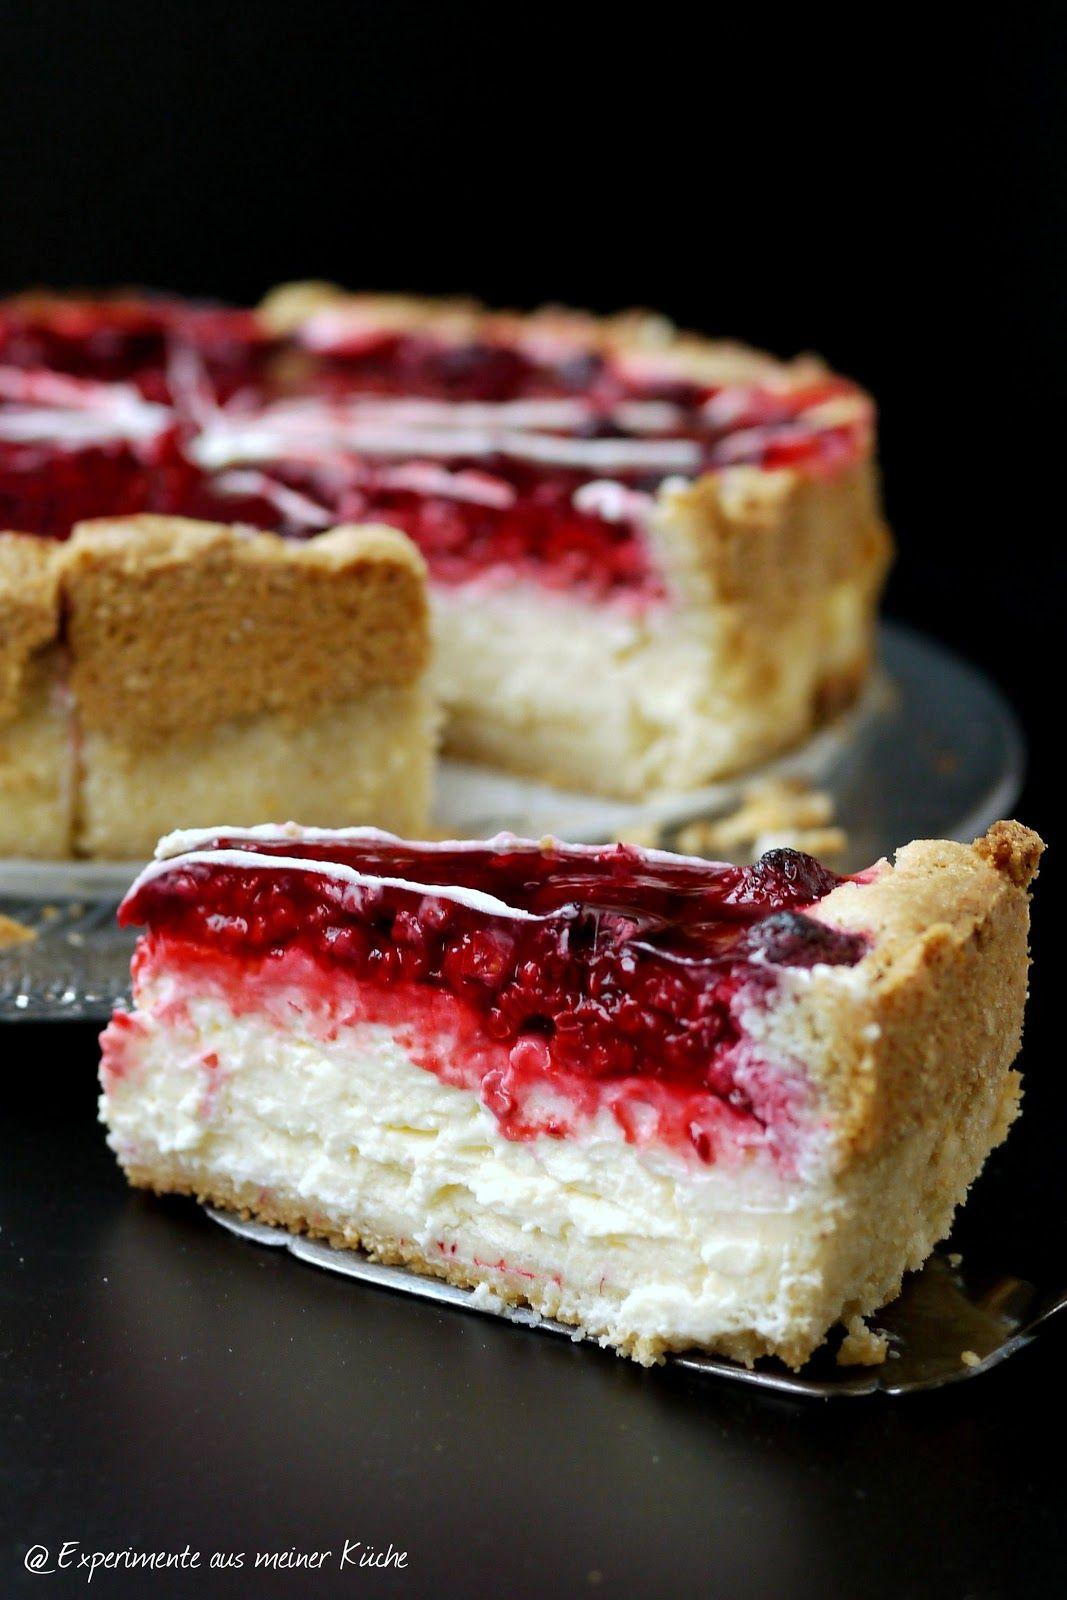 Pudding-Schmand-Kuchen mit Himbeeren - Experimente aus meiner Küche